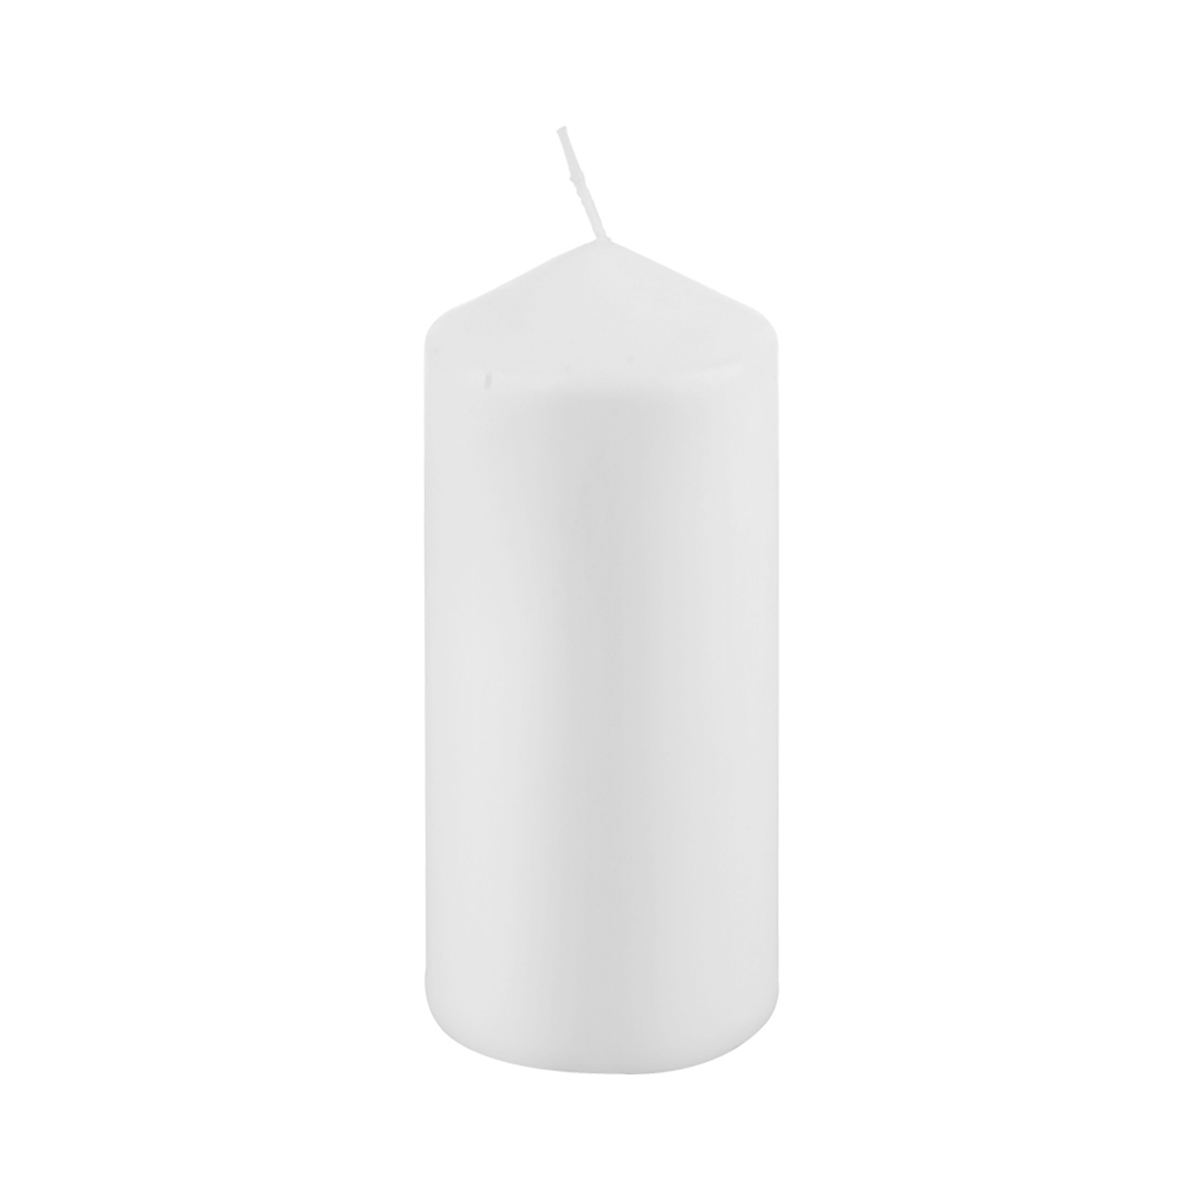 شمعة بدون رائحة  لون ابيض  دائري ارتفاع  14 *7 سم, من ماي مارت 70150